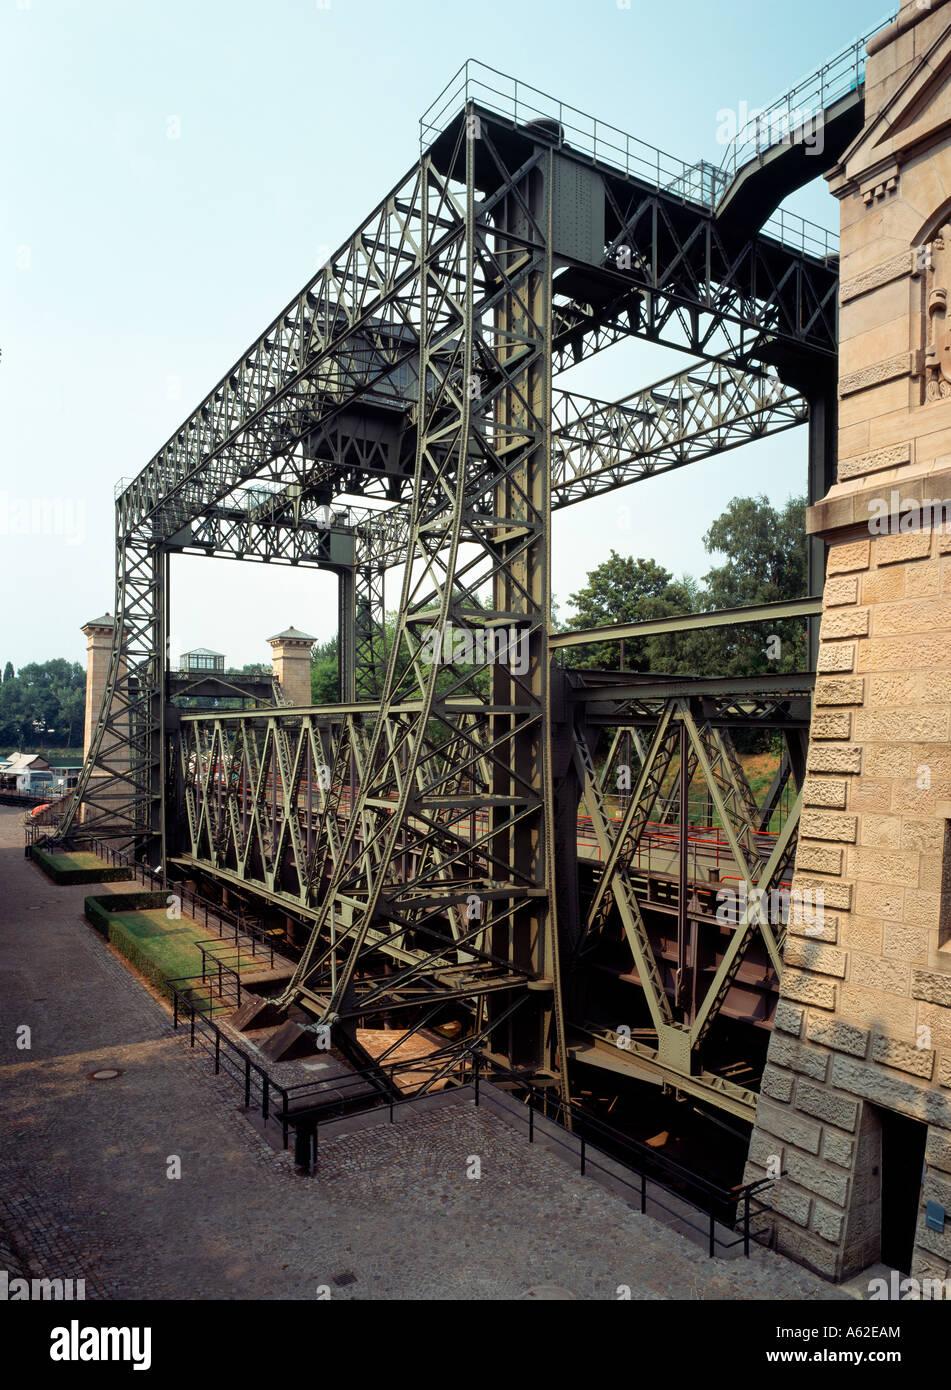 Waltrop-Oberwiese, Altes Schiffshebewerk Henrichenburg, Konstruktion Stock Photo